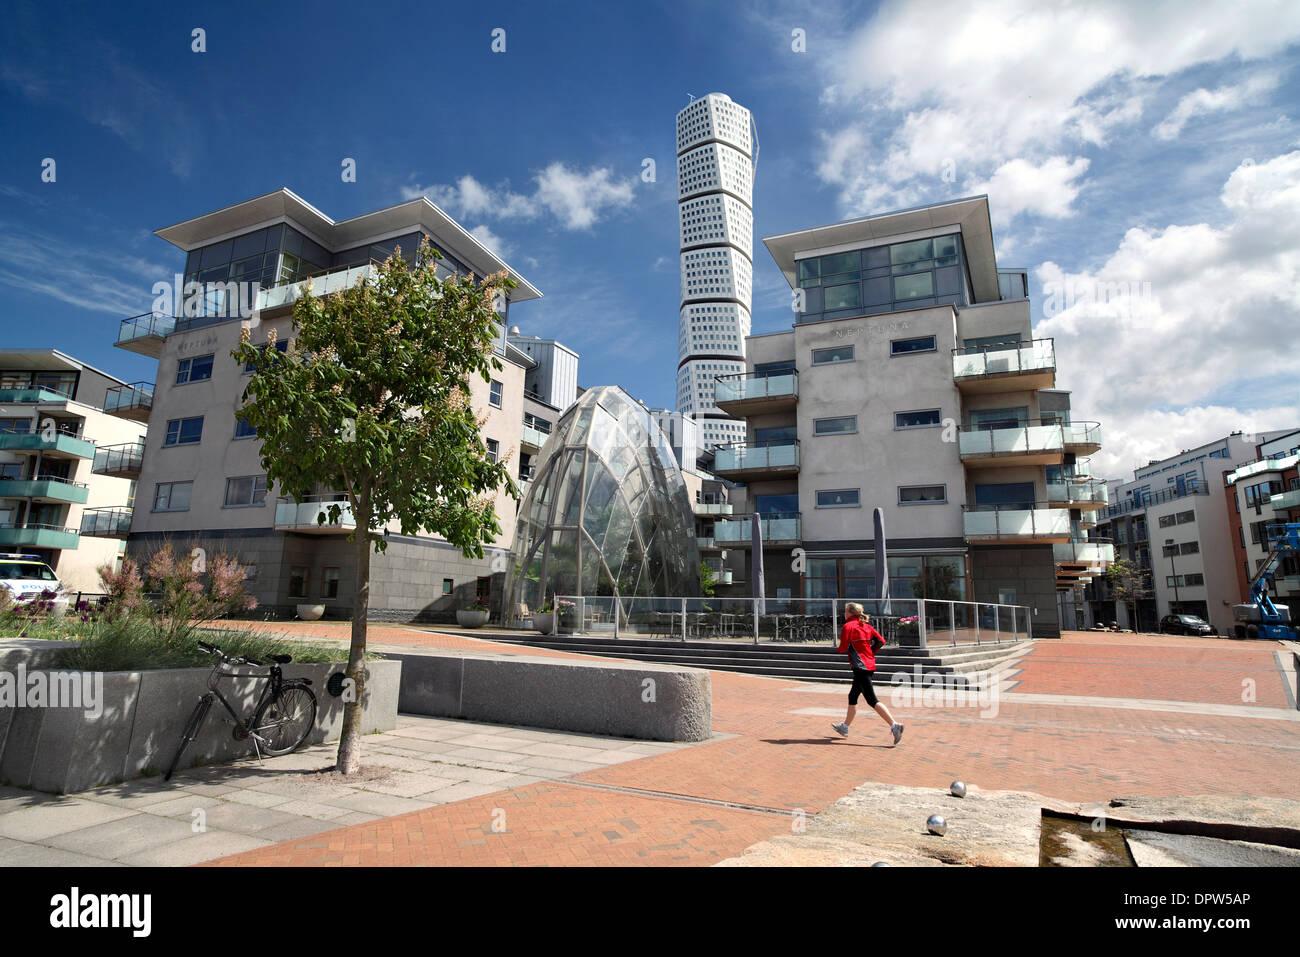 Bestandteil der meist kostenlosen Verkehrszentrum des Vastra Hamnen, einem neuen nachhaltigen Vorort von Malmö, Schweden. Stockbild